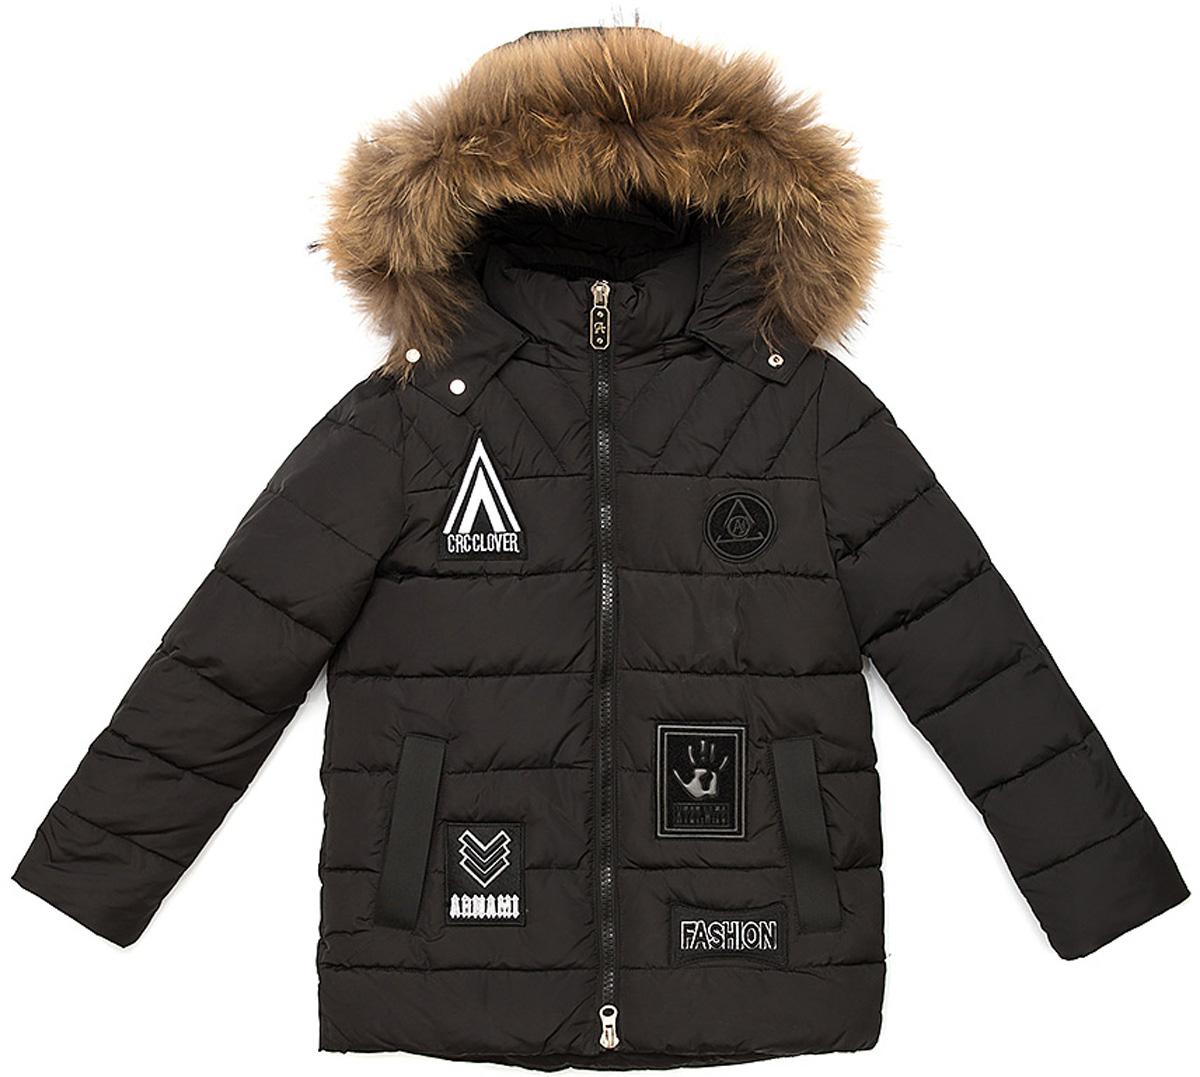 Куртка для мальчика Vitacci, цвет: черный. 1171483-03. Размер 1601171483-03Удлиненная куртка для мальчика Vitacci, изготовленная из полиэстера, станет стильнымдополнением к детскому гардеробу.Подкладка выполнена из полиэстера и дополнительно утеплена флисом по спинке. В качестве наполнителя используется биопух.Куртка застегивается на пластиковую застежку-молнию и имеет съемный капюшон с отделкой из натурального меха. Изделие оформлено декоративными элементами и нашивками.Температурный режим от -10°С до -25°С.Теплая, удобная и практичная куртка идеально подойдет юному моднику для прогулок!